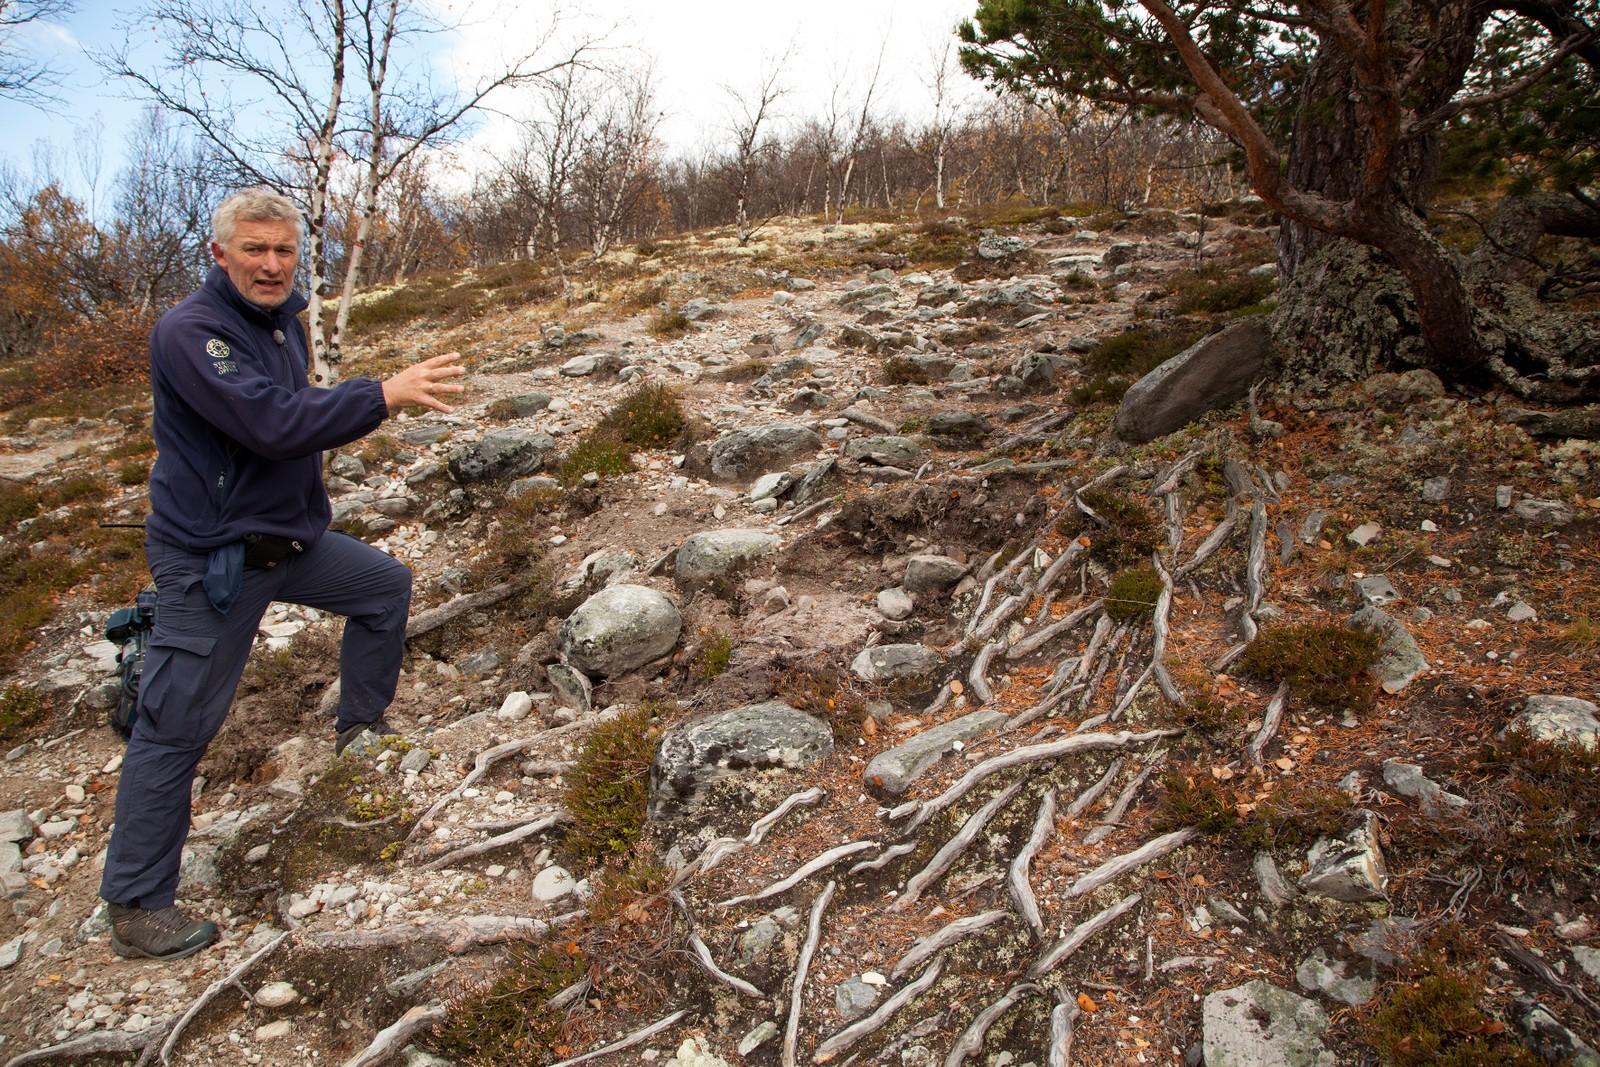 Trærne vil ikke klare seg i lengden når røttene blir så eksponert som dette. Derfor må det fylles ut og bygges trapper for å hindre mer slitasje.